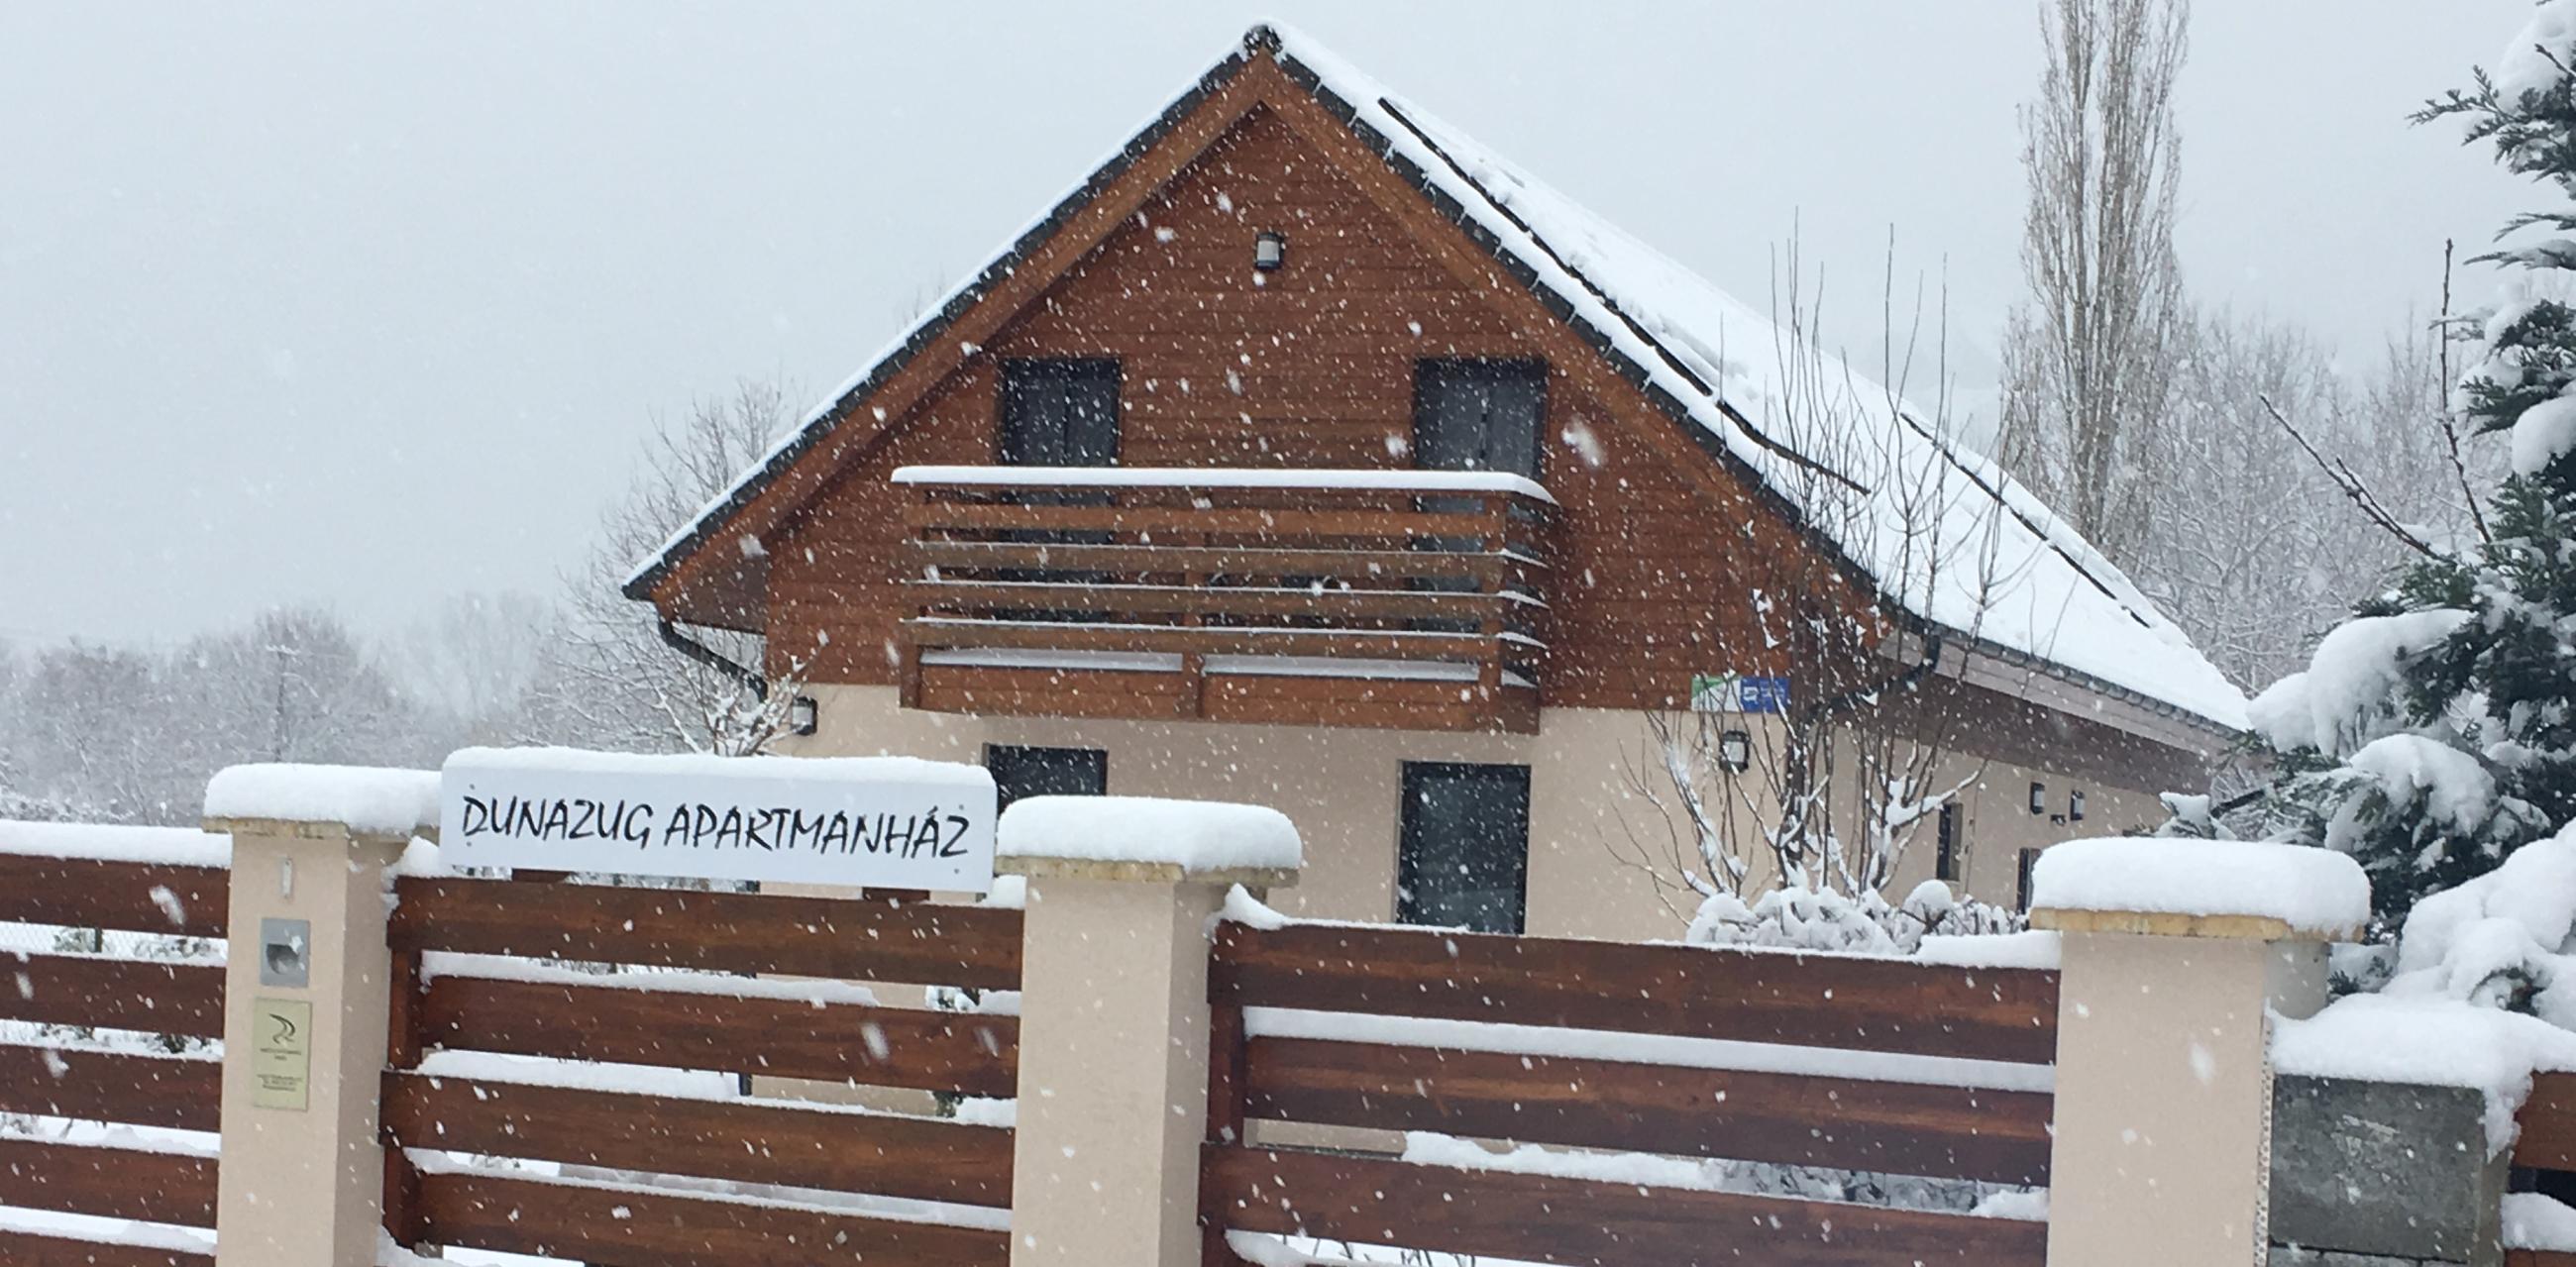 Dunazug télen